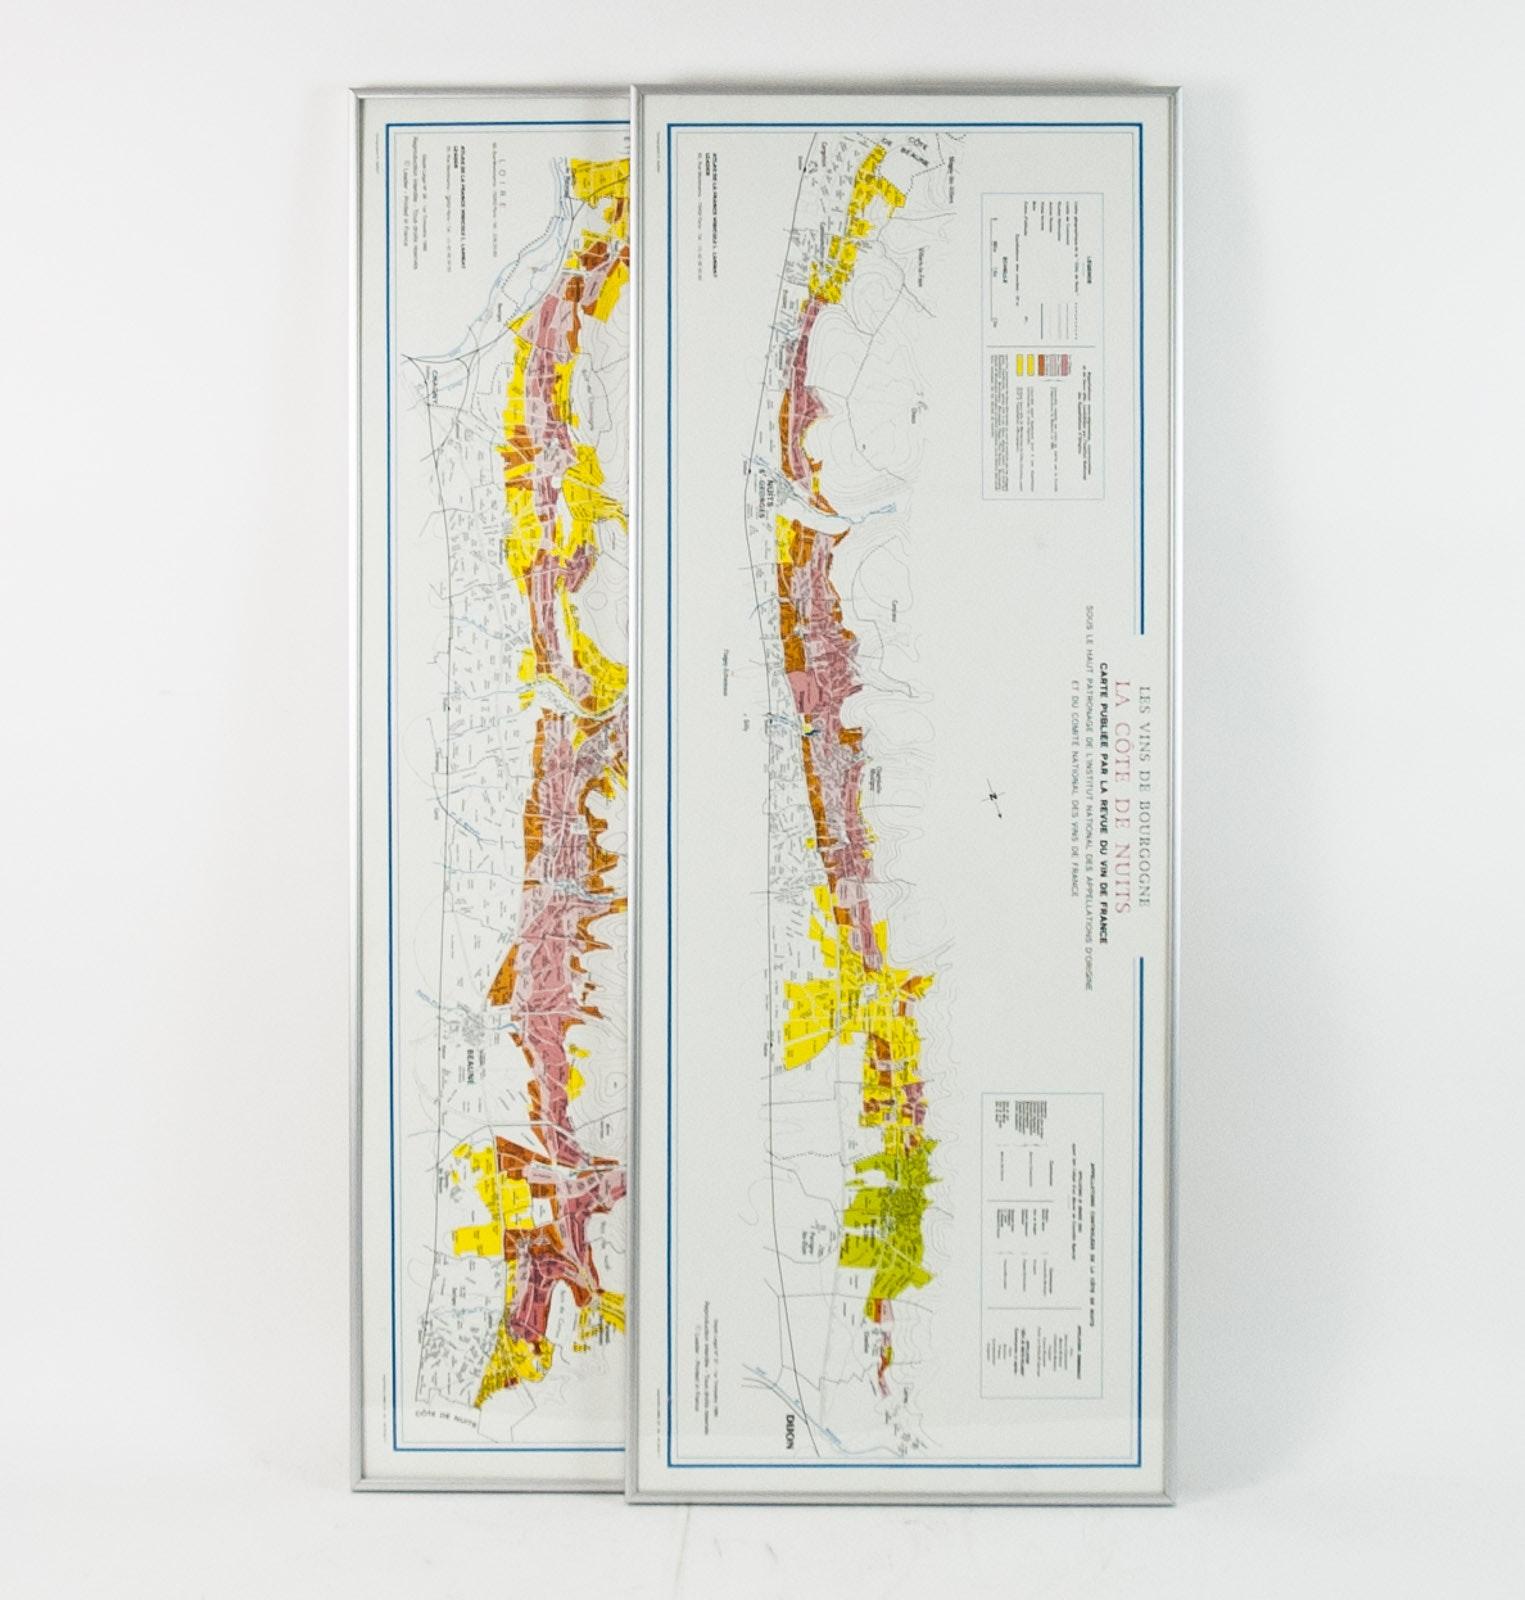 Pair of Framed Maps